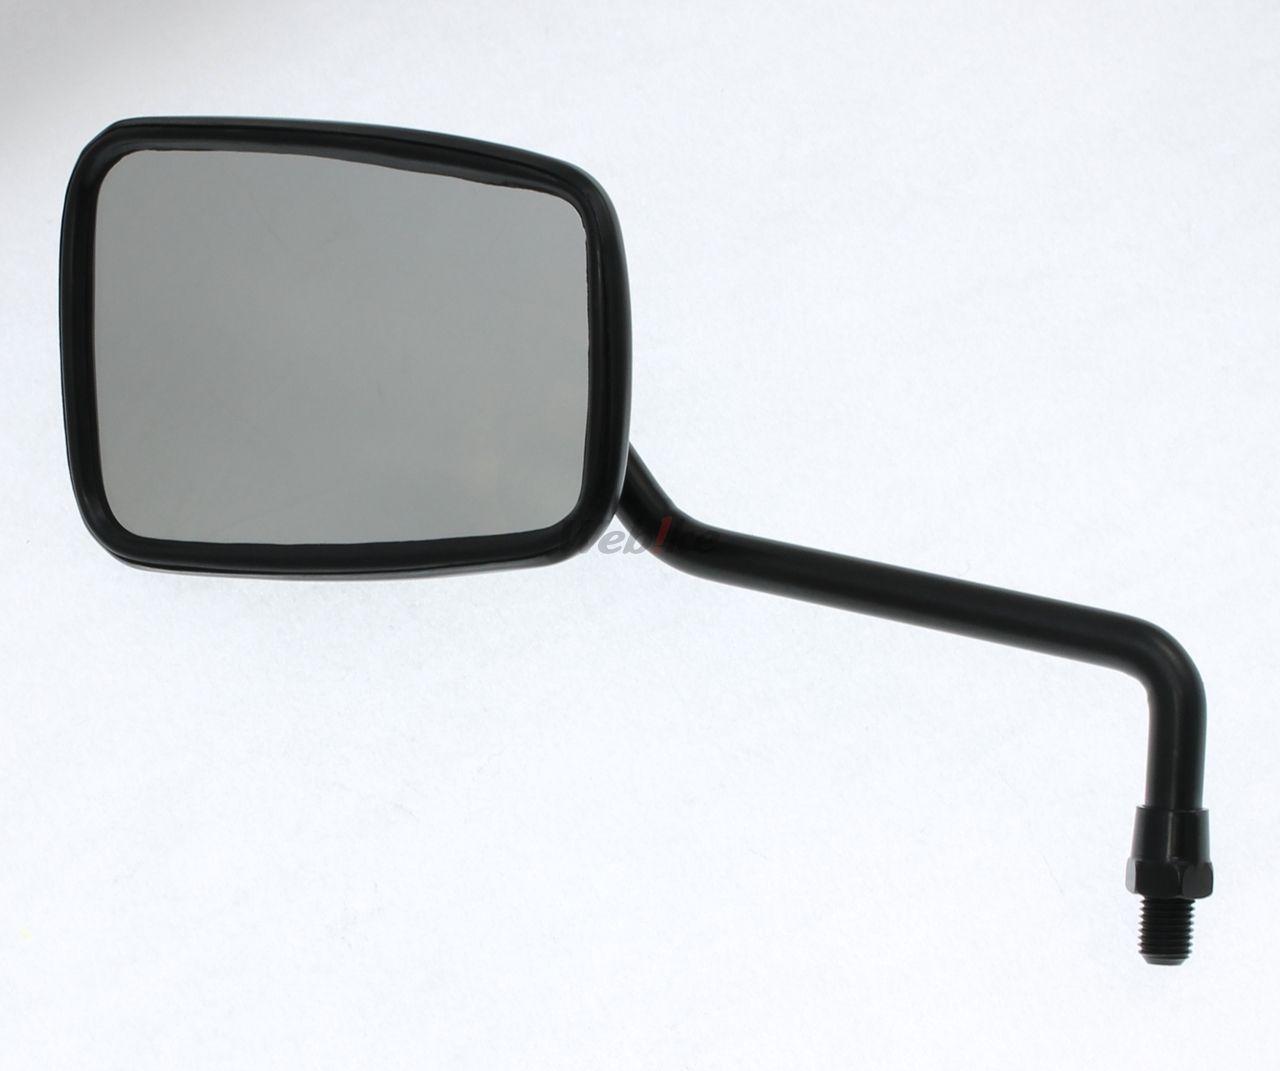 【KIJIMA】Imola 型式後視鏡 - 「Webike-摩托百貨」